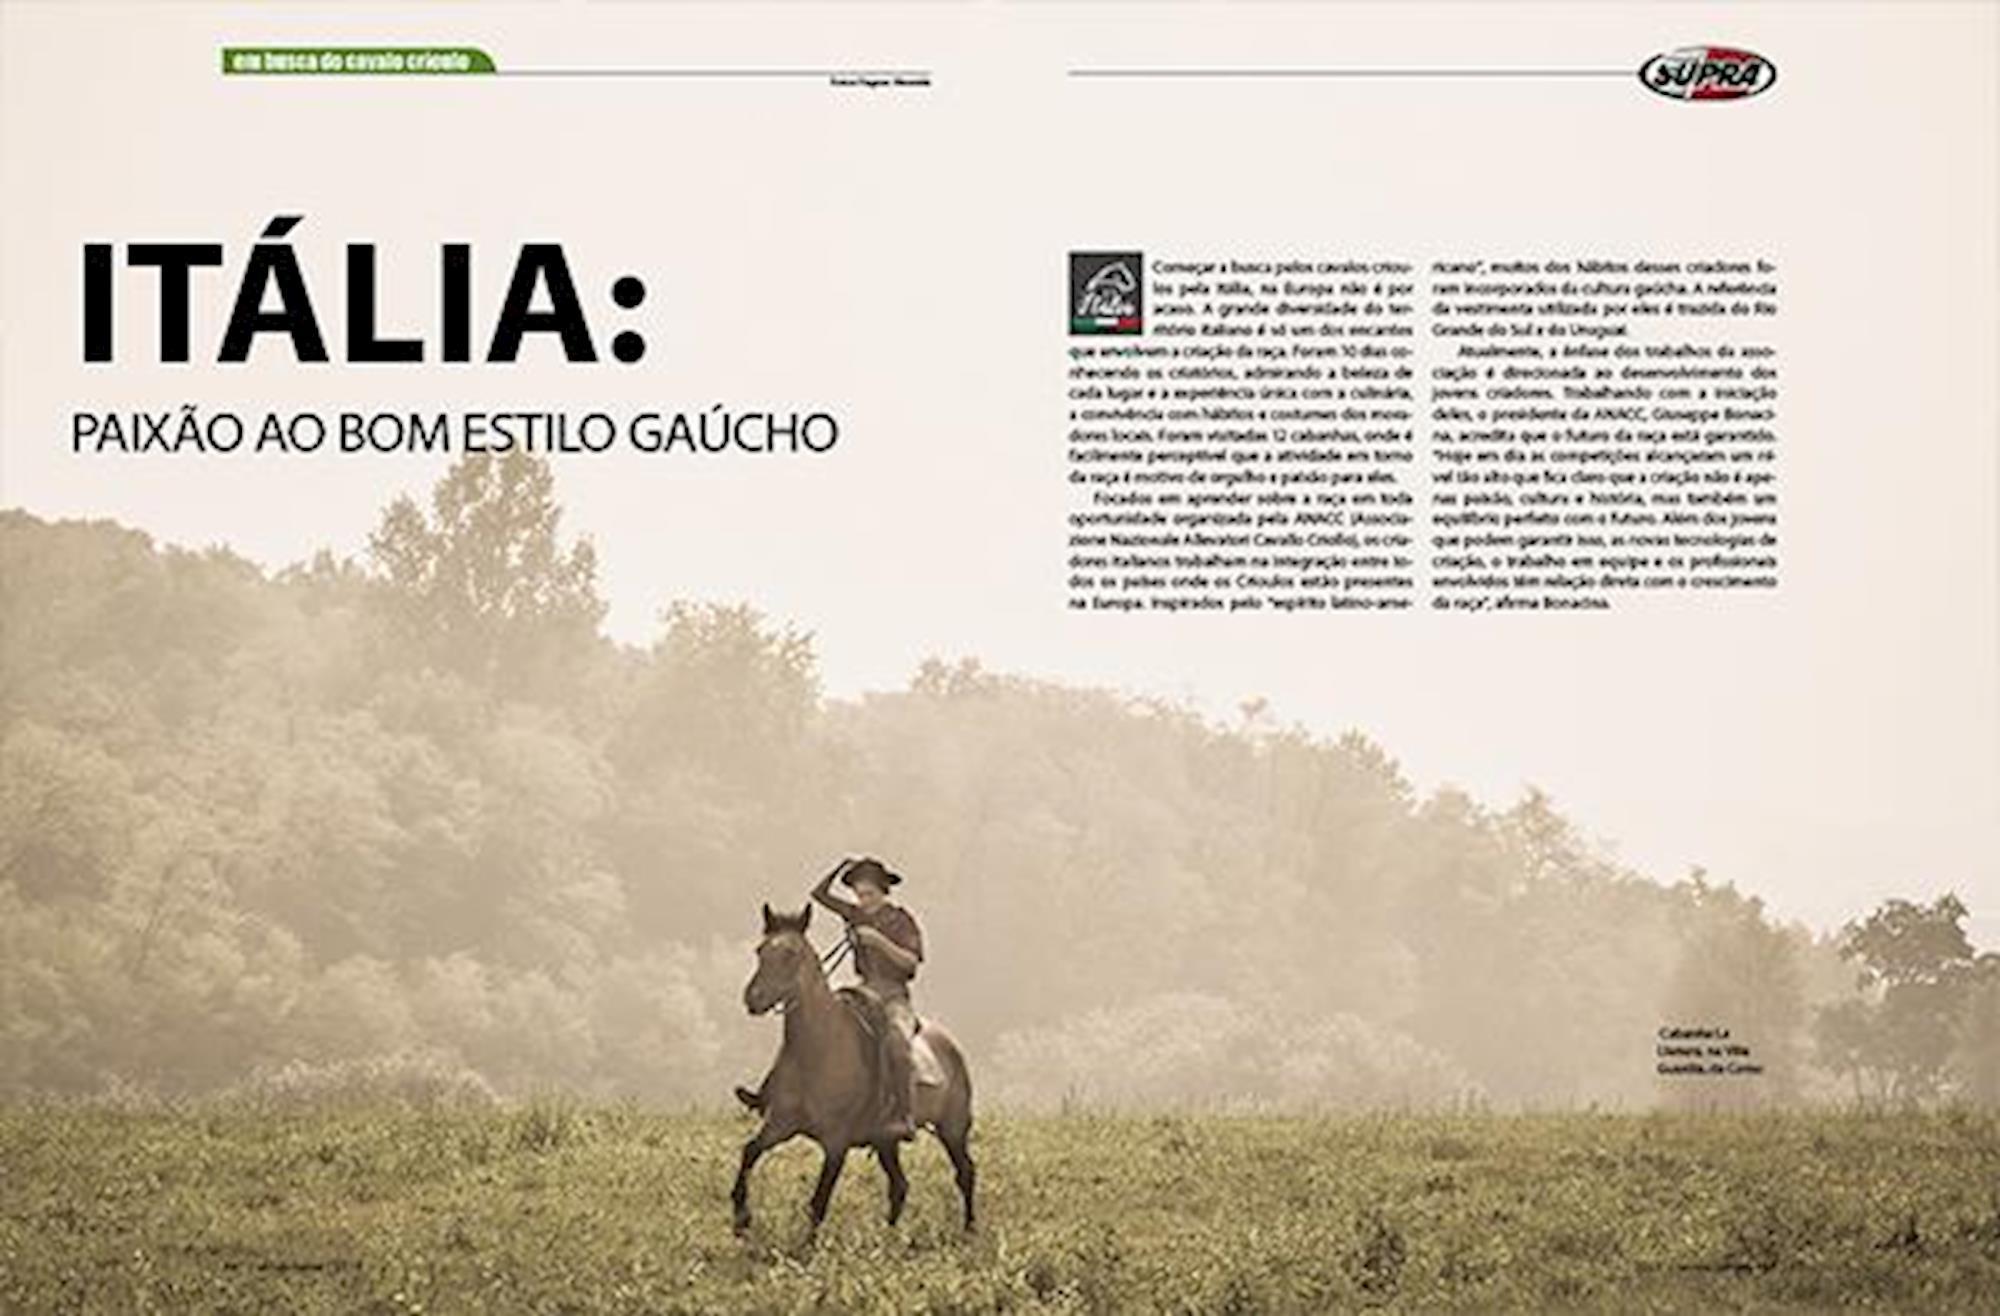 edição 117, Em Busca do Cavalo Crioulo, Fagner Almeida, Horse, Europa,